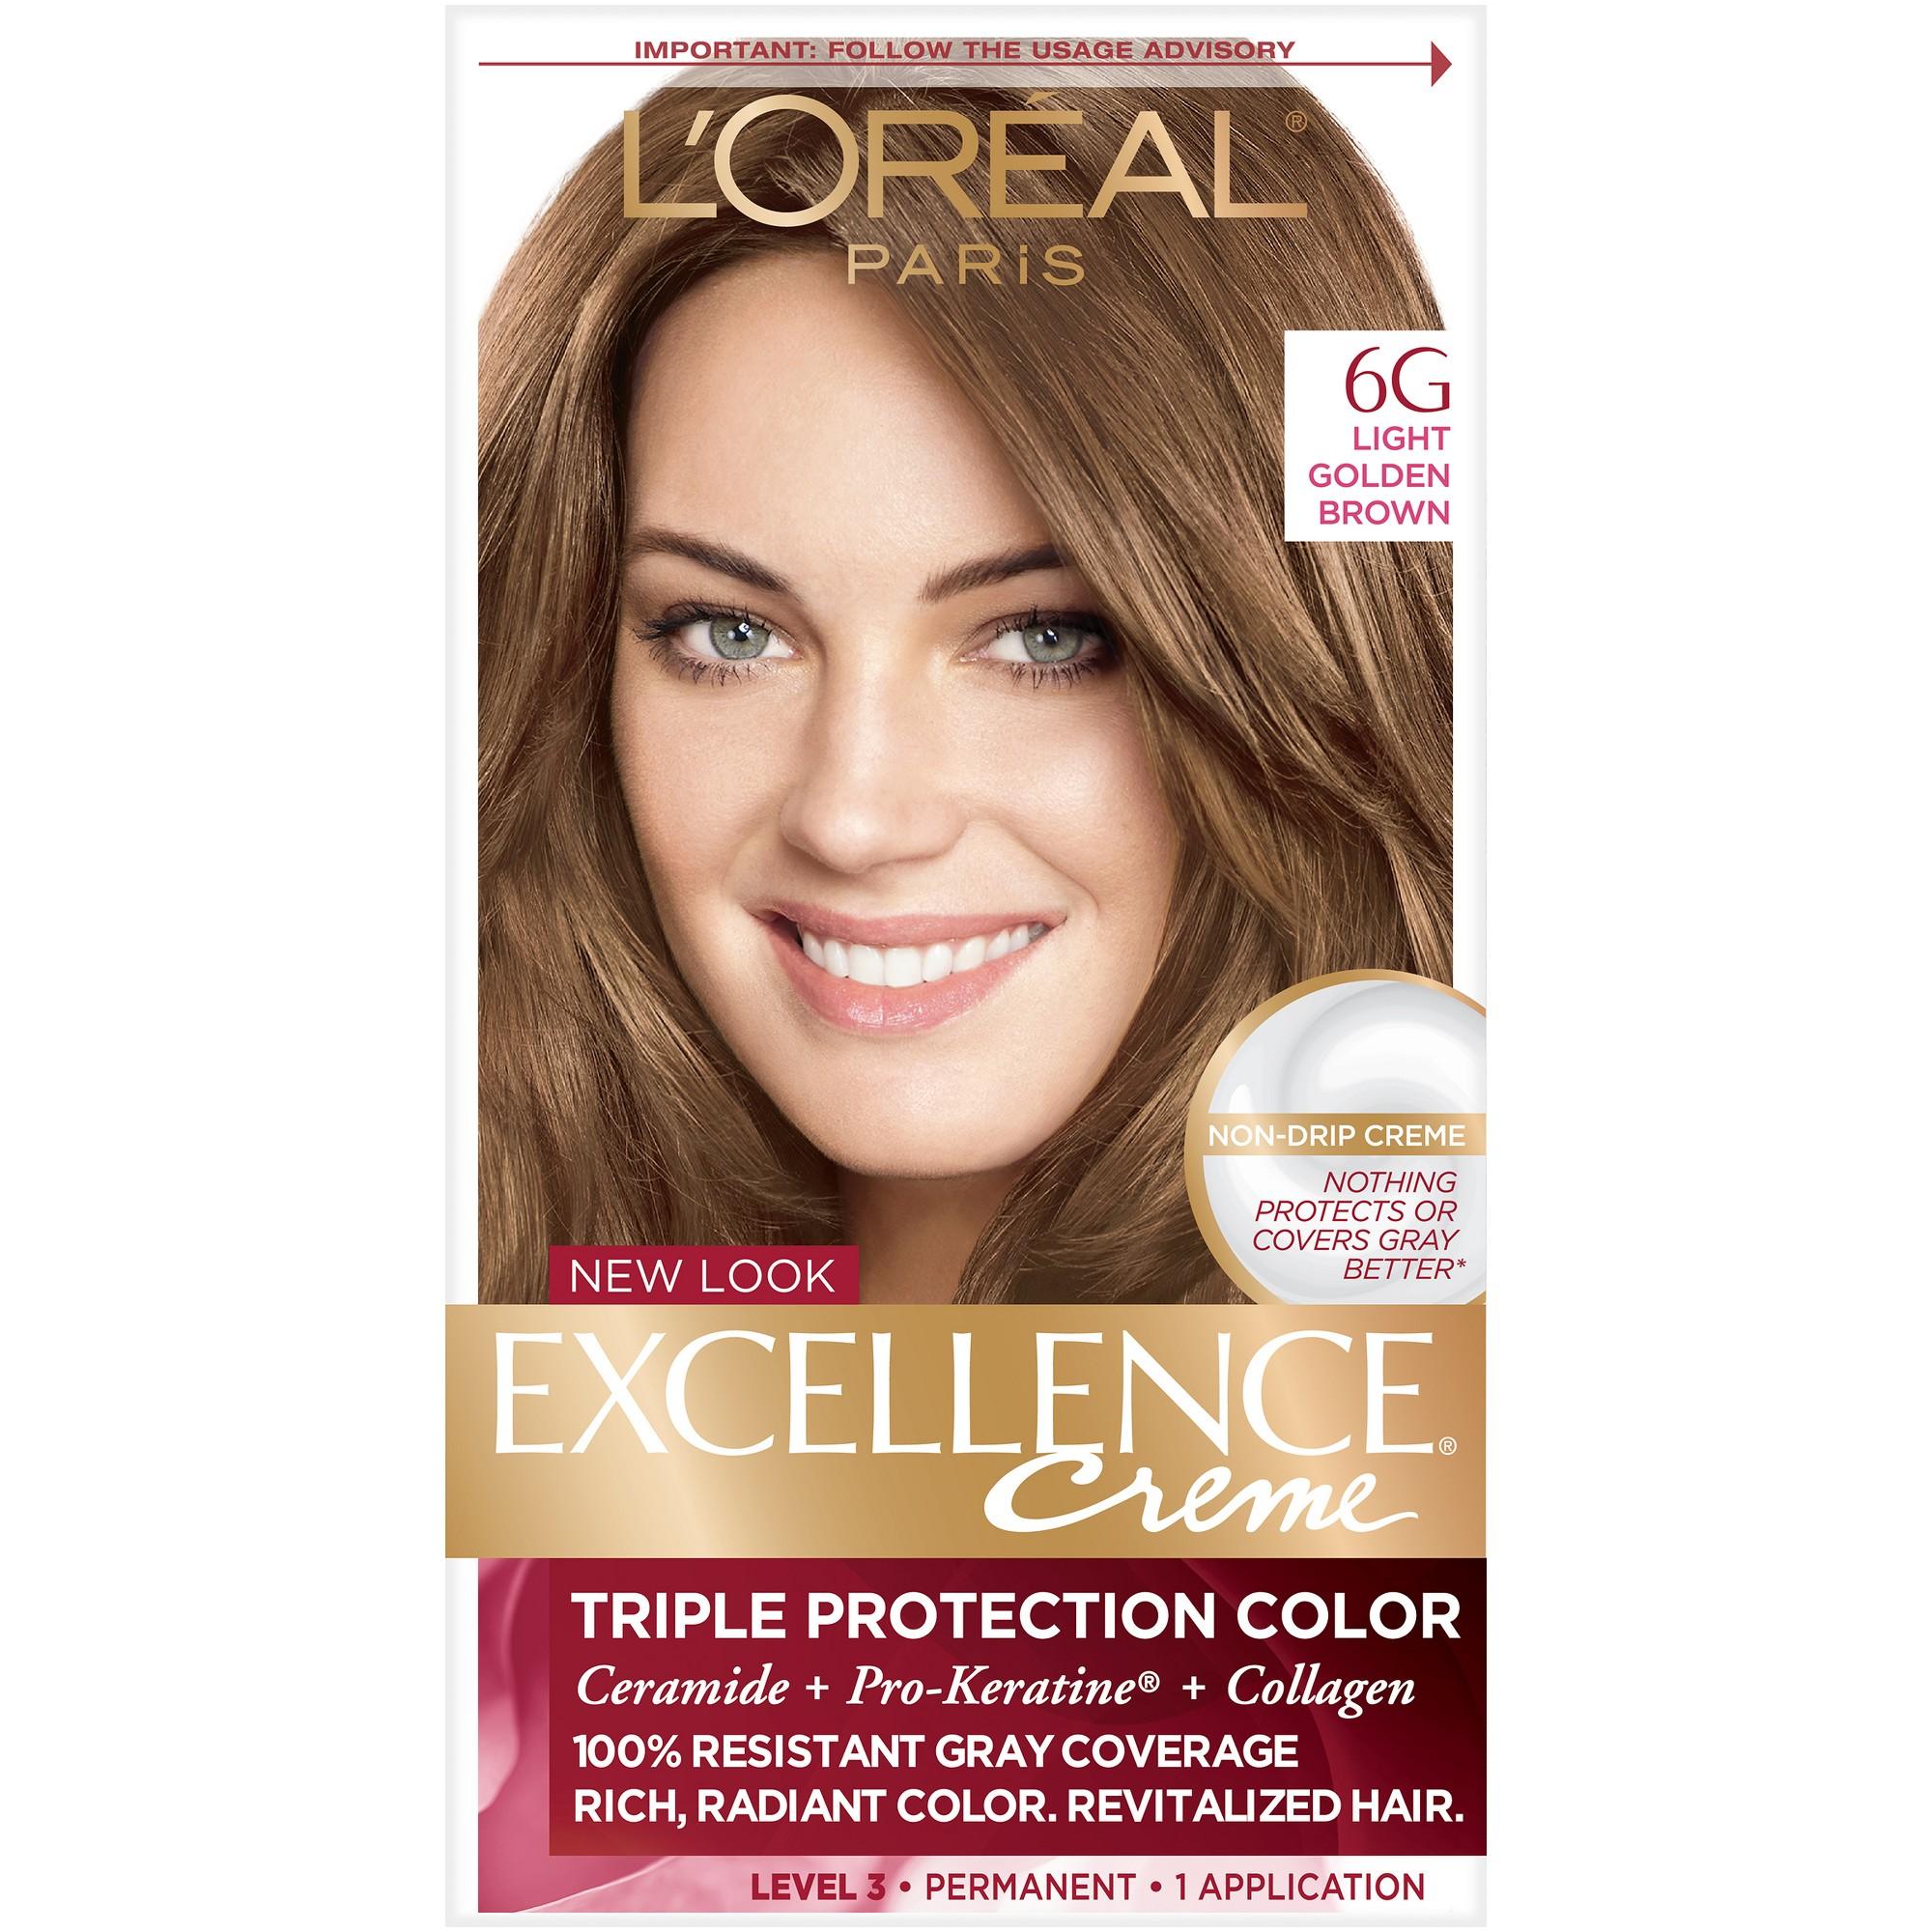 L Oreal Paris Excellence Triple Protection Permanent Hair Color 6 3 Fl Oz 6g Light Golden Brown 1 Kit Loreal Paris Loreal Hair Color